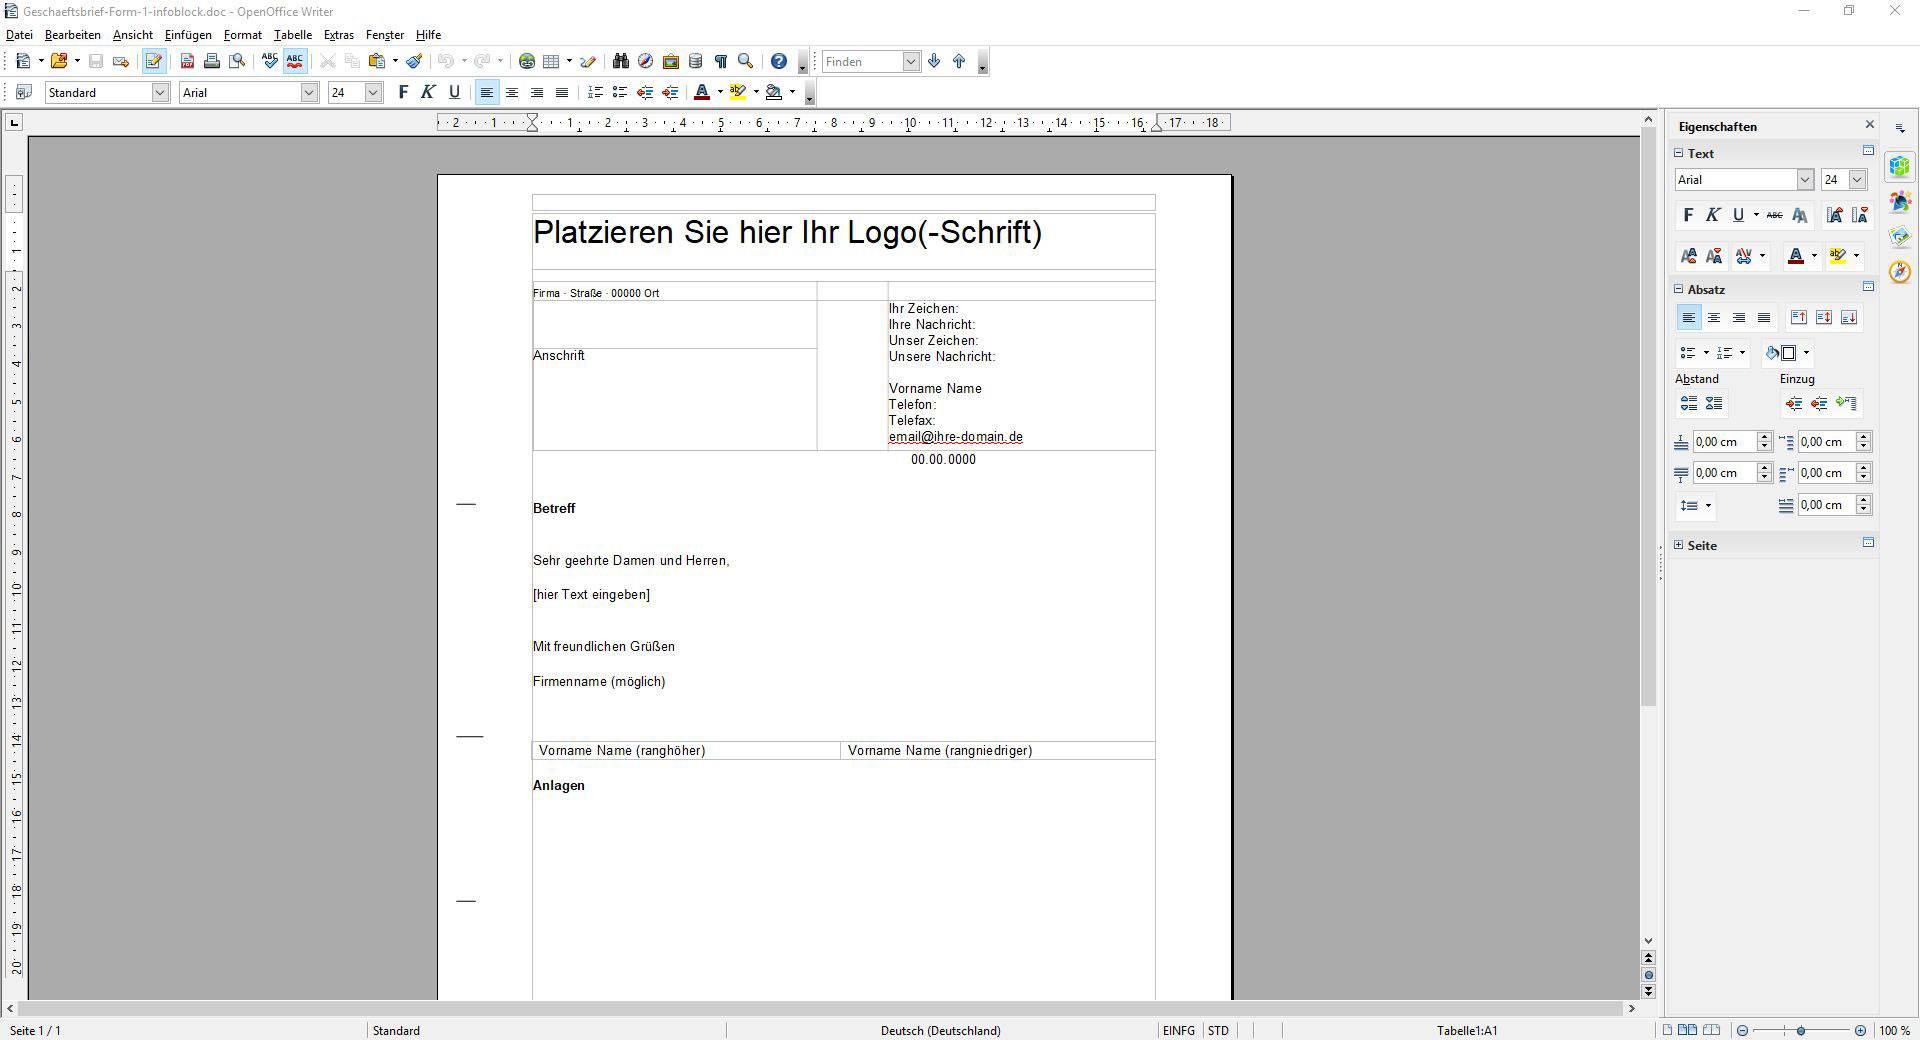 Bhv Verlag Openoffice 4 1 6 Starter Full Version 1 License